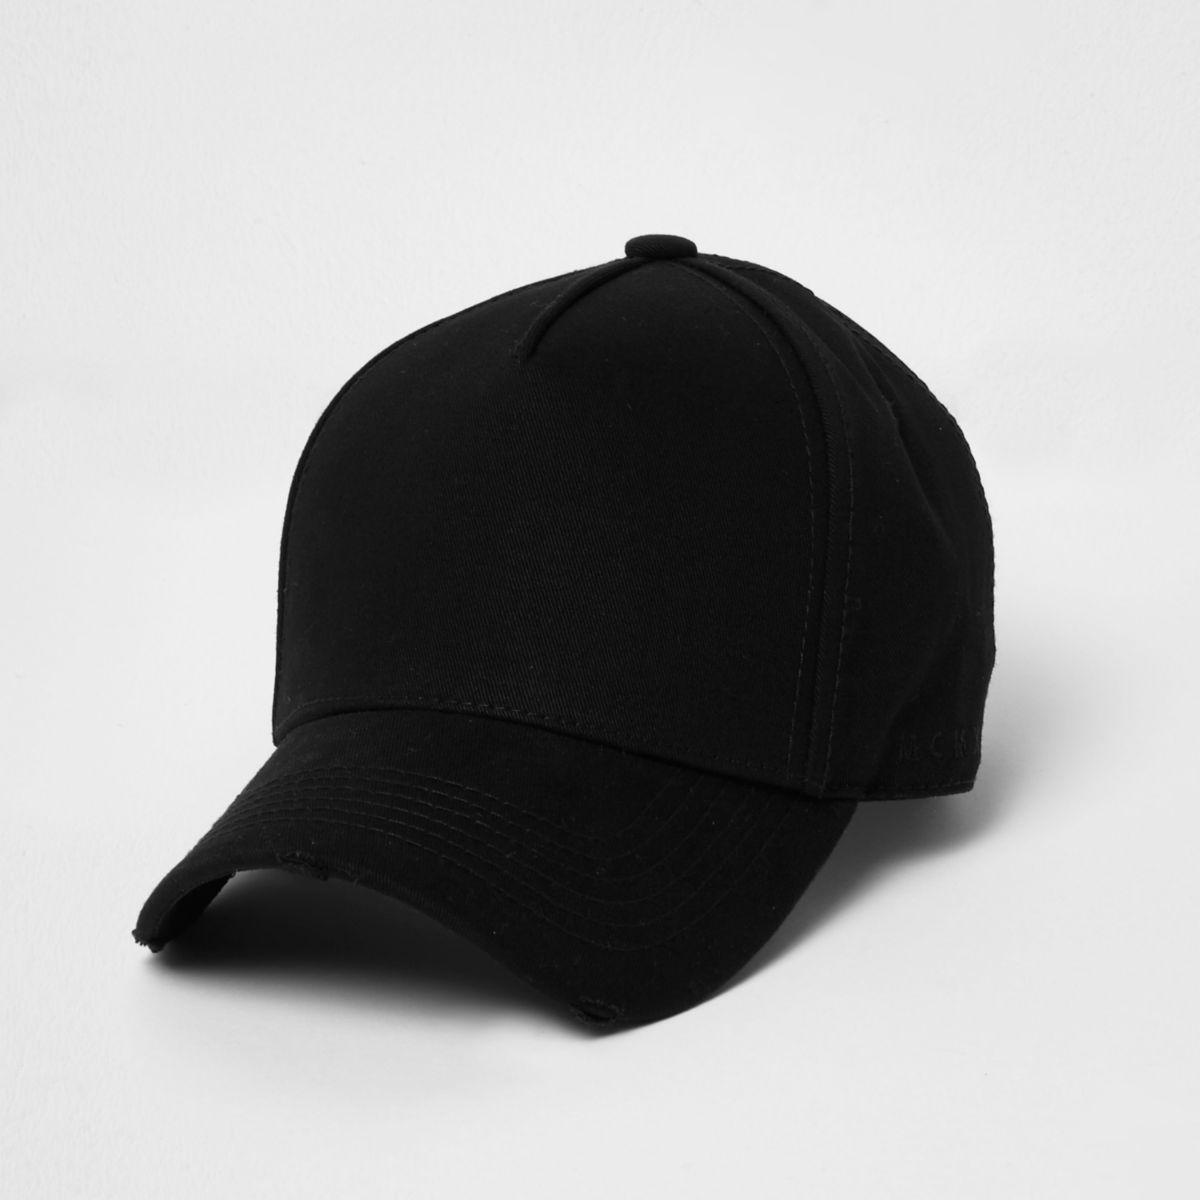 Washed black baseball cap